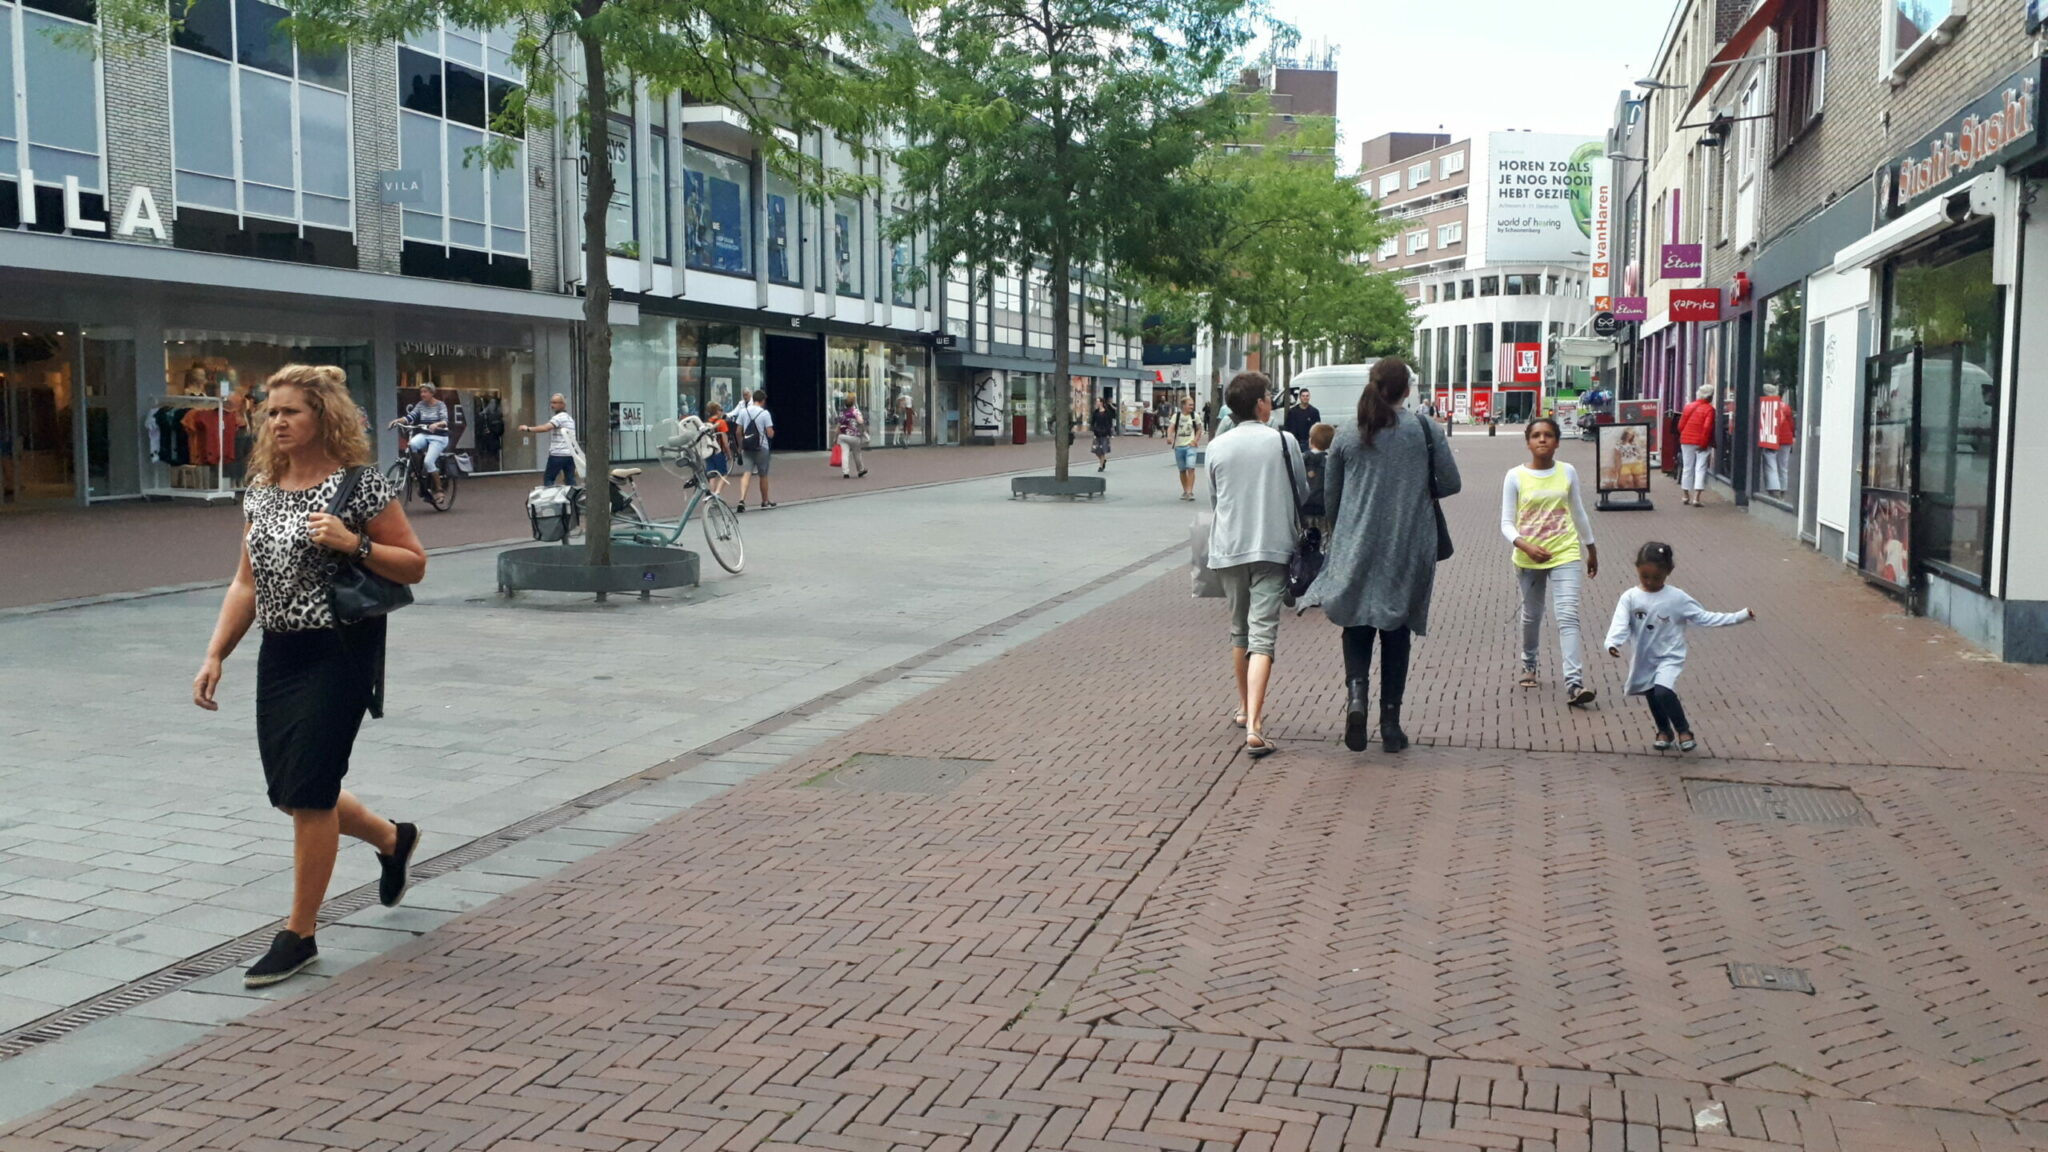 Sarisgang winkelen aanbiedingen acties shoppen IDBstock